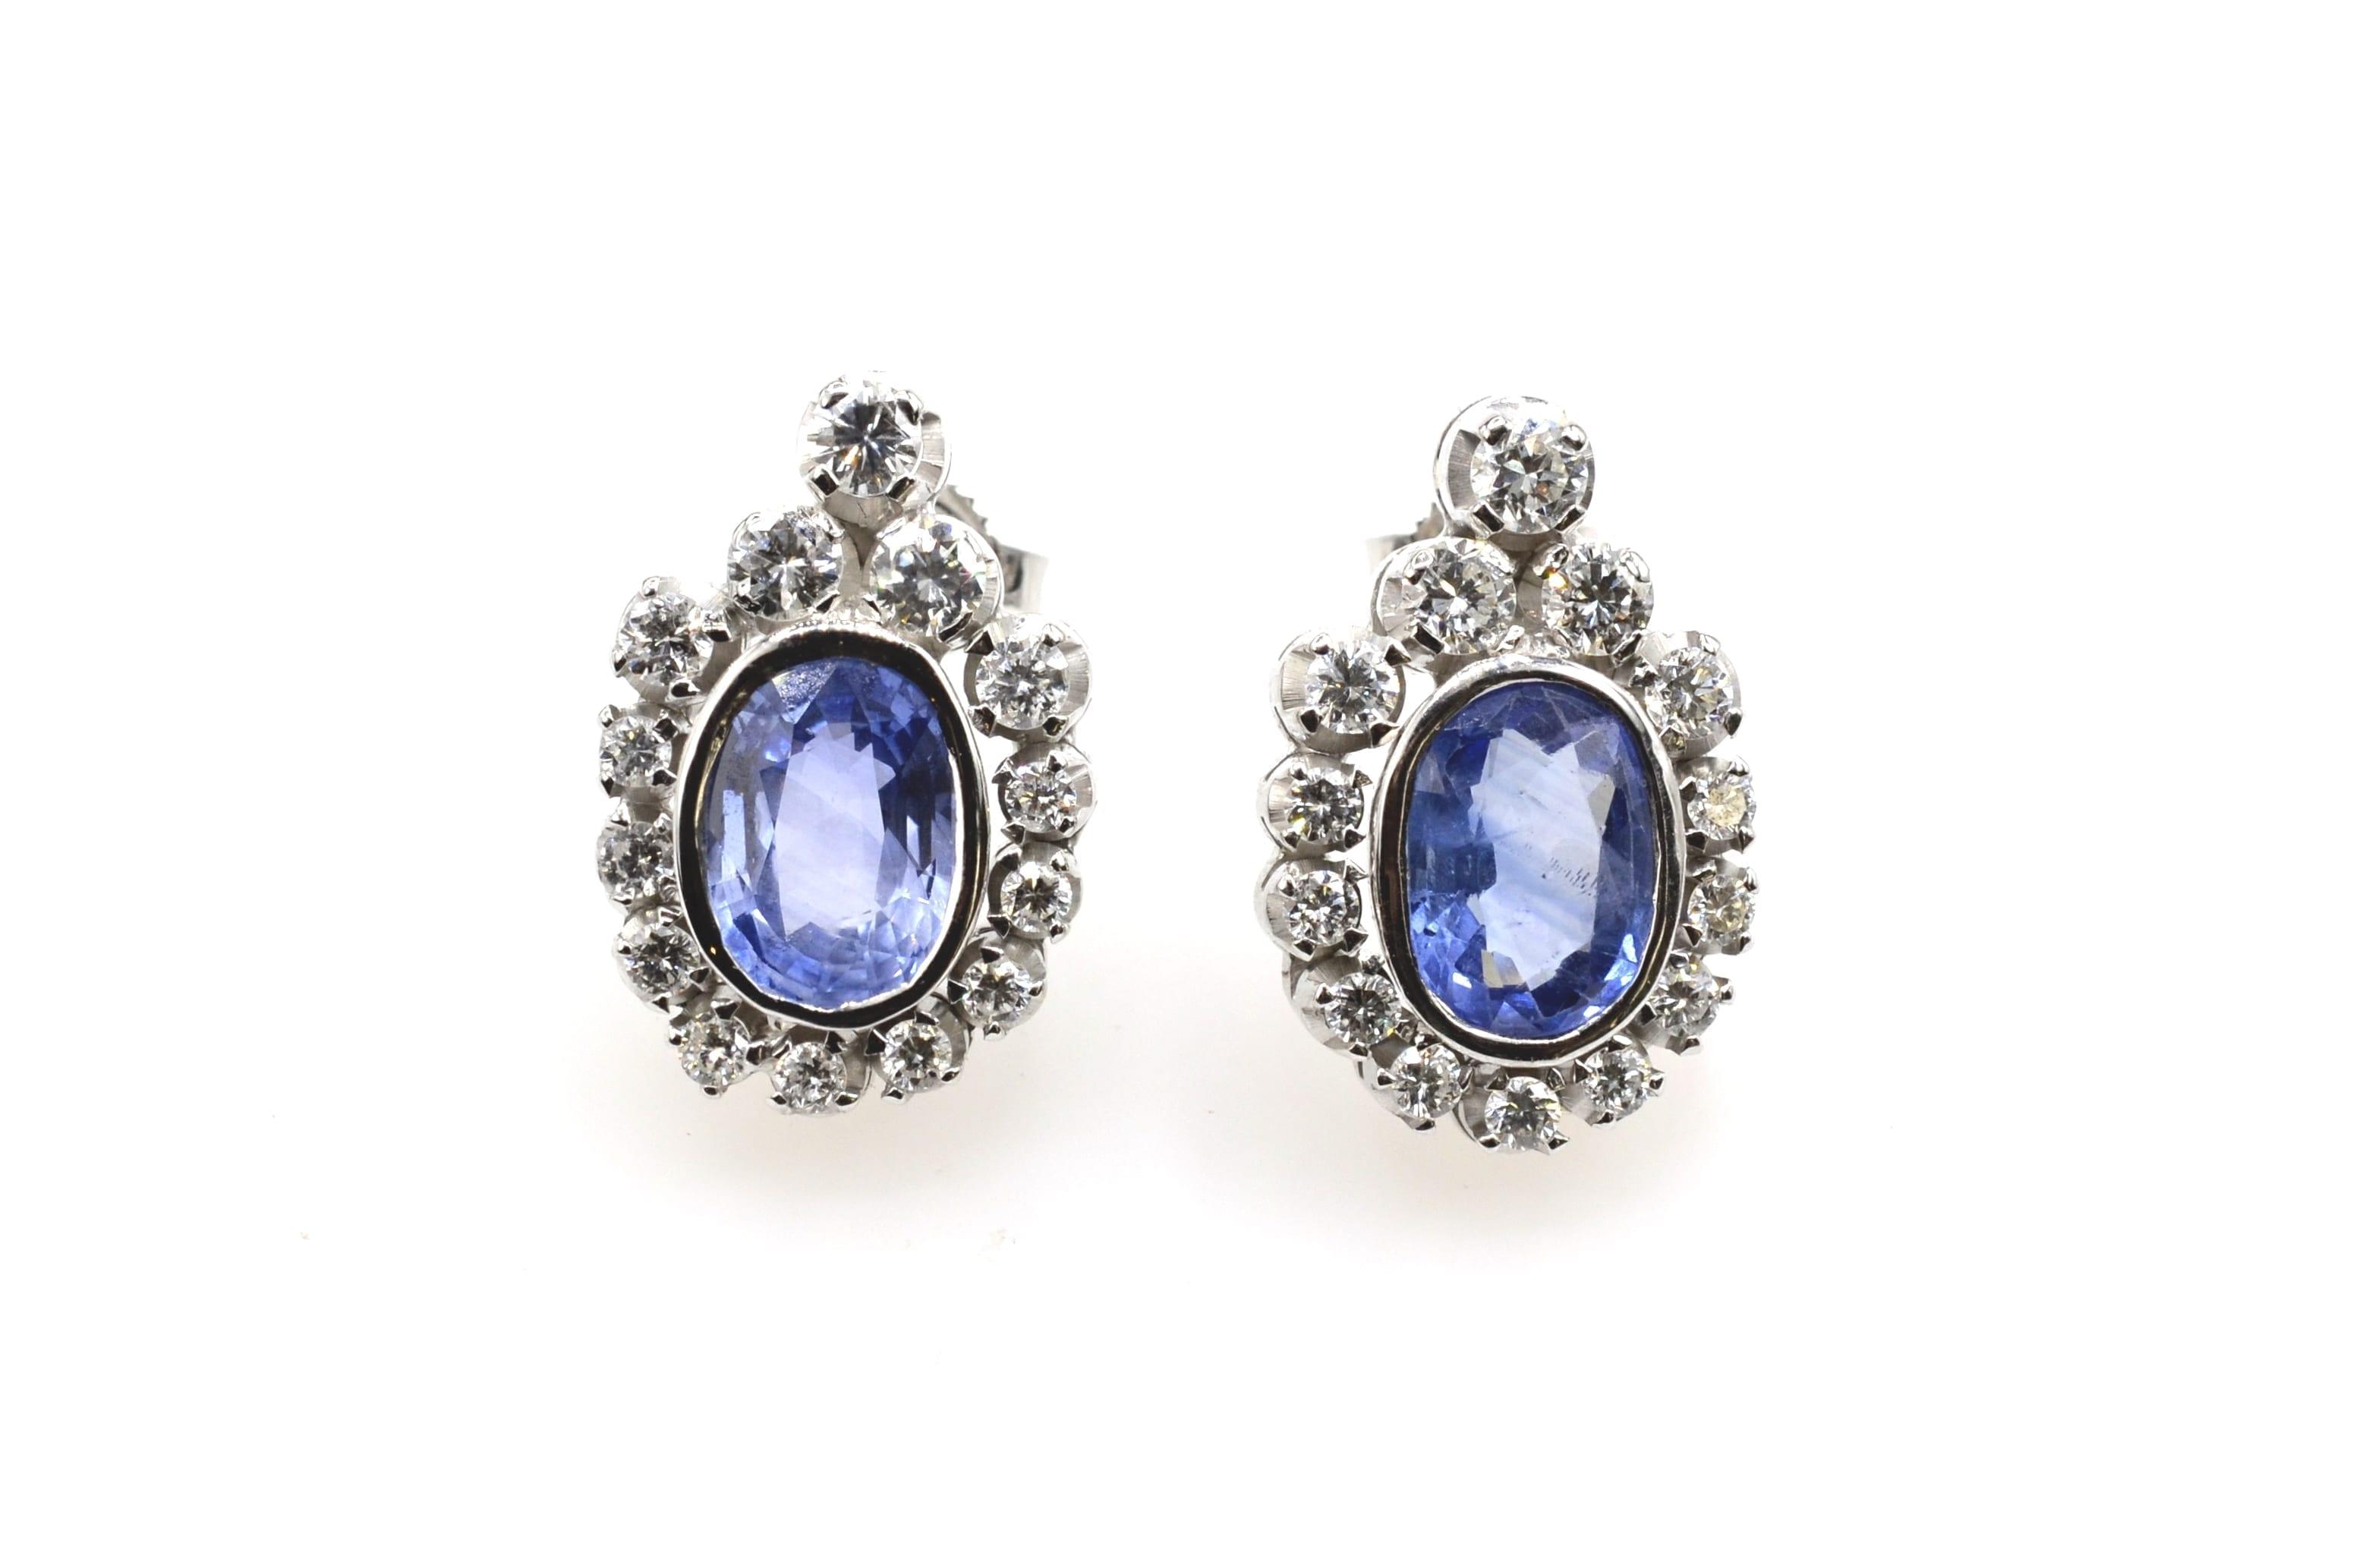 Boucles d'oreilles saphirs et diamants en or blanc 18k